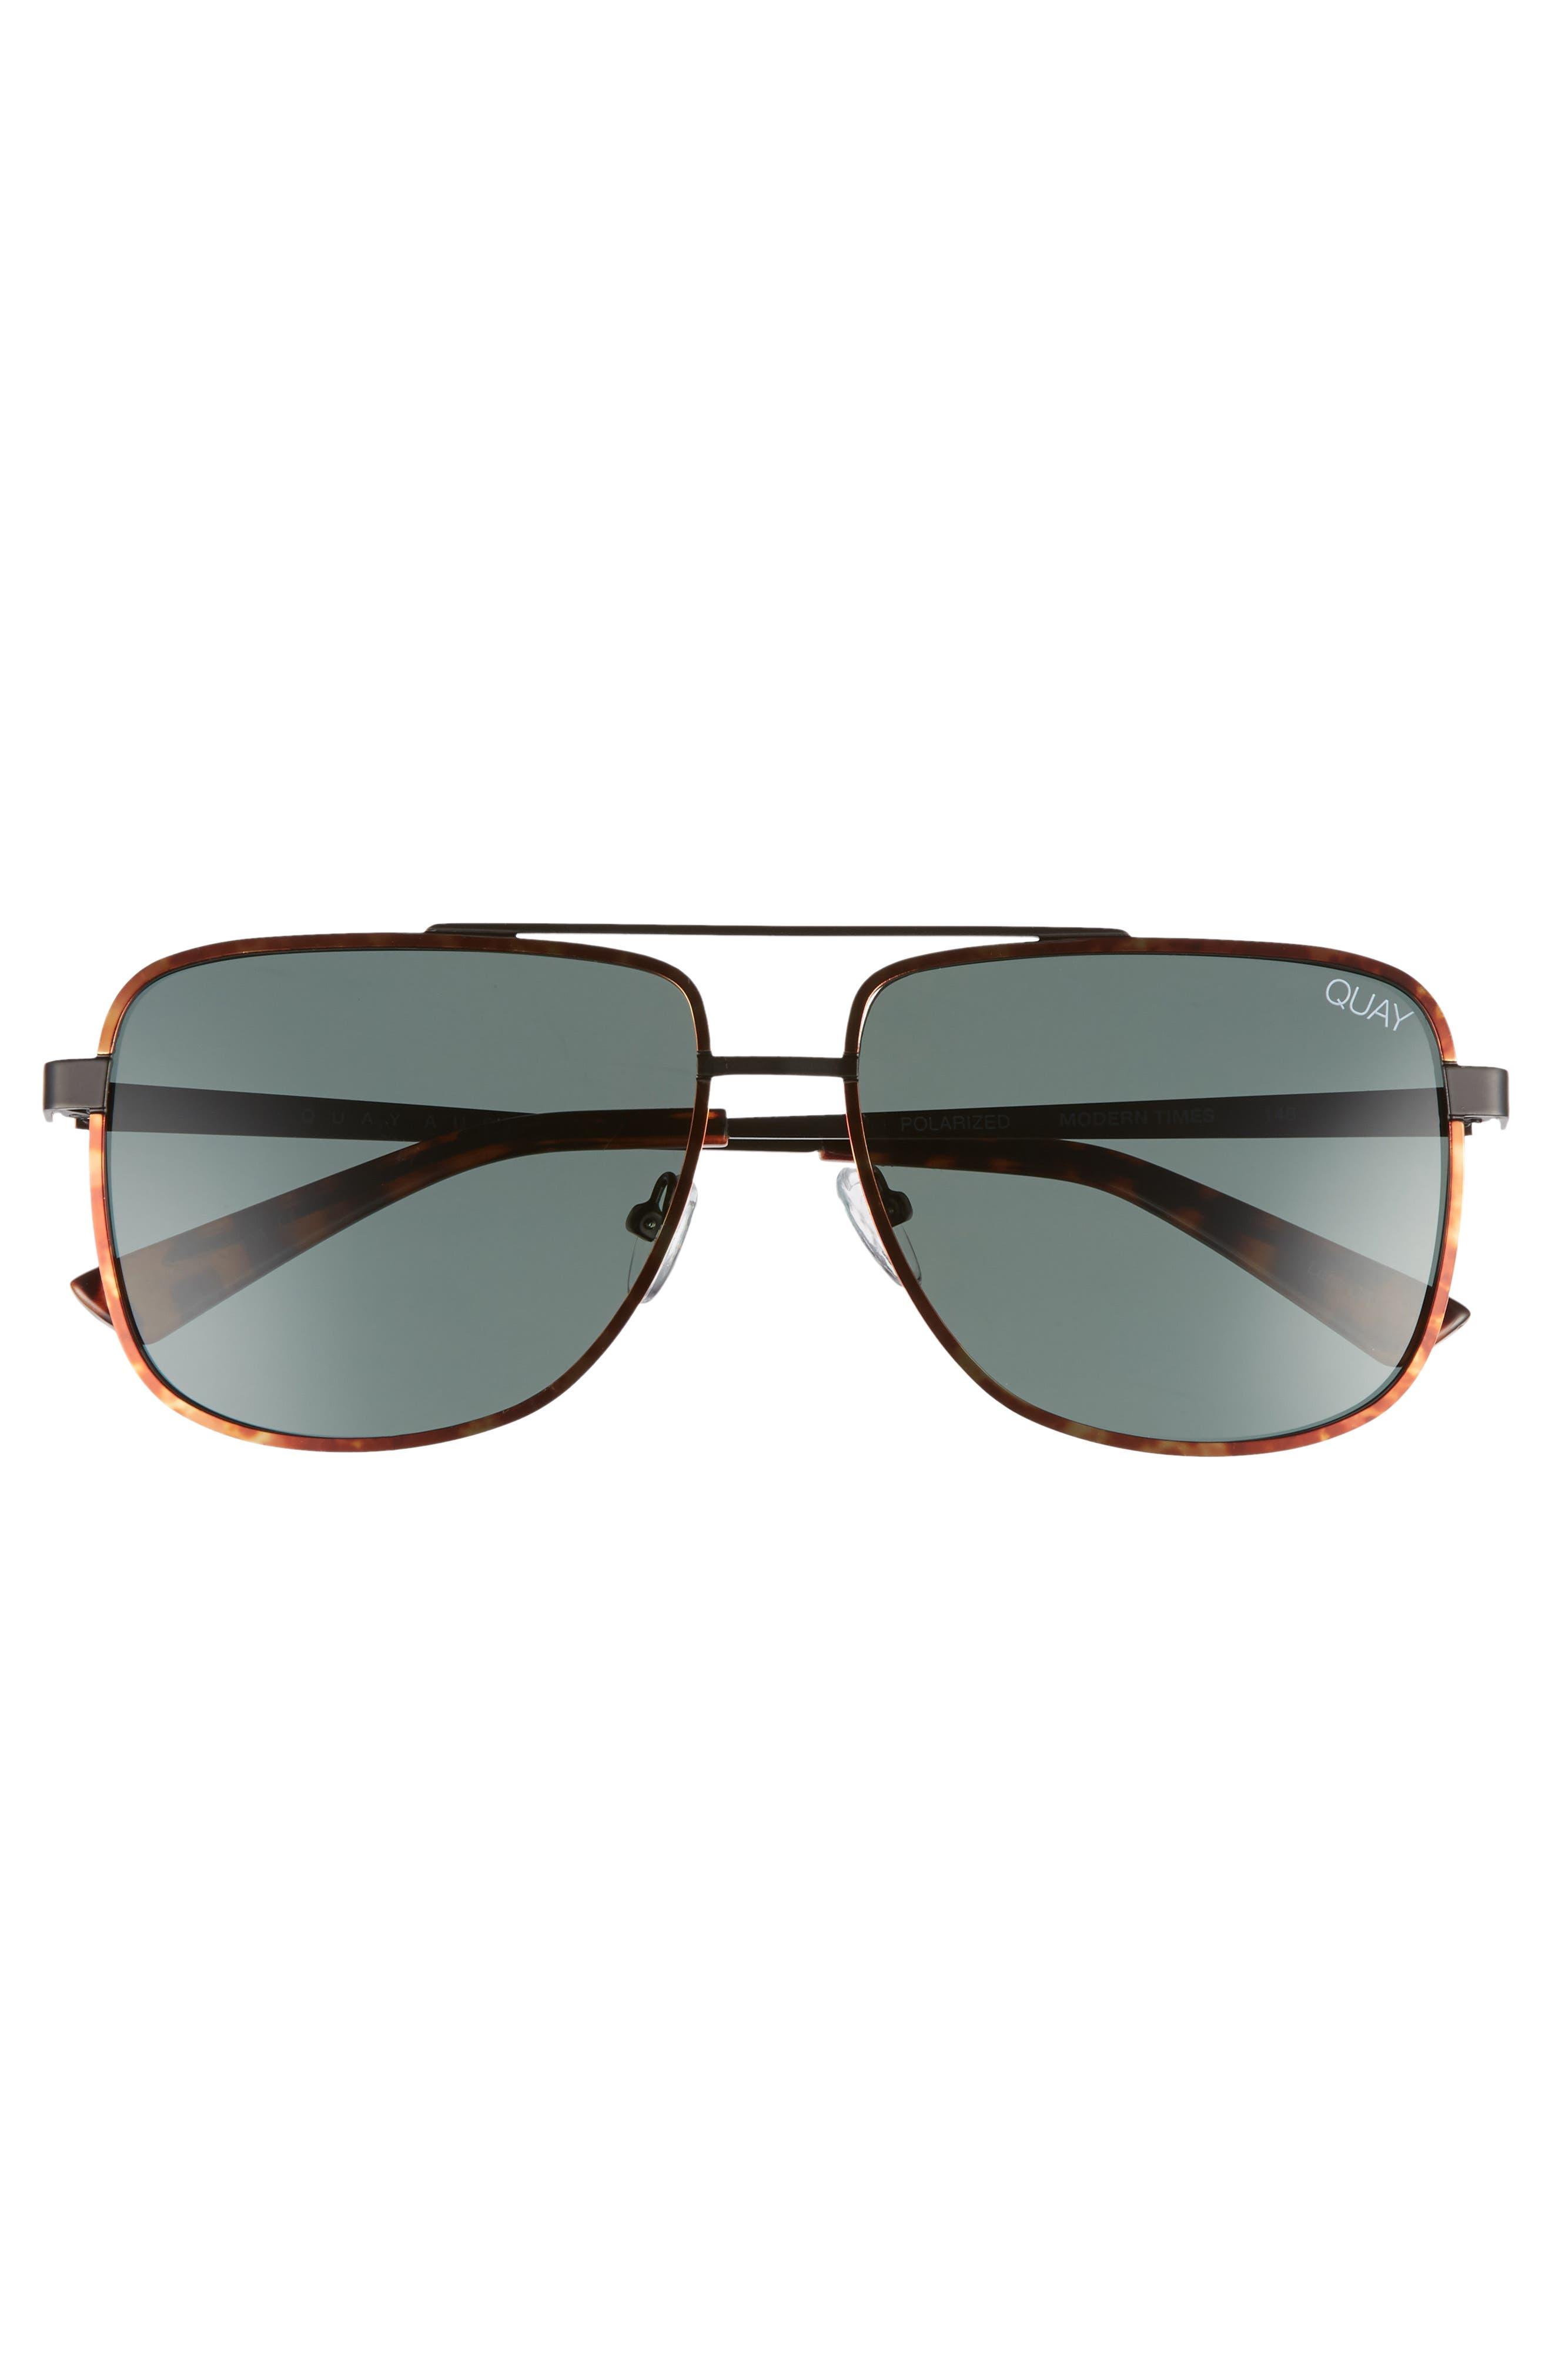 Modern Times 57mm Polarized Aviator Sunglasses,                             Alternate thumbnail 2, color,                             Tort / Green Lens